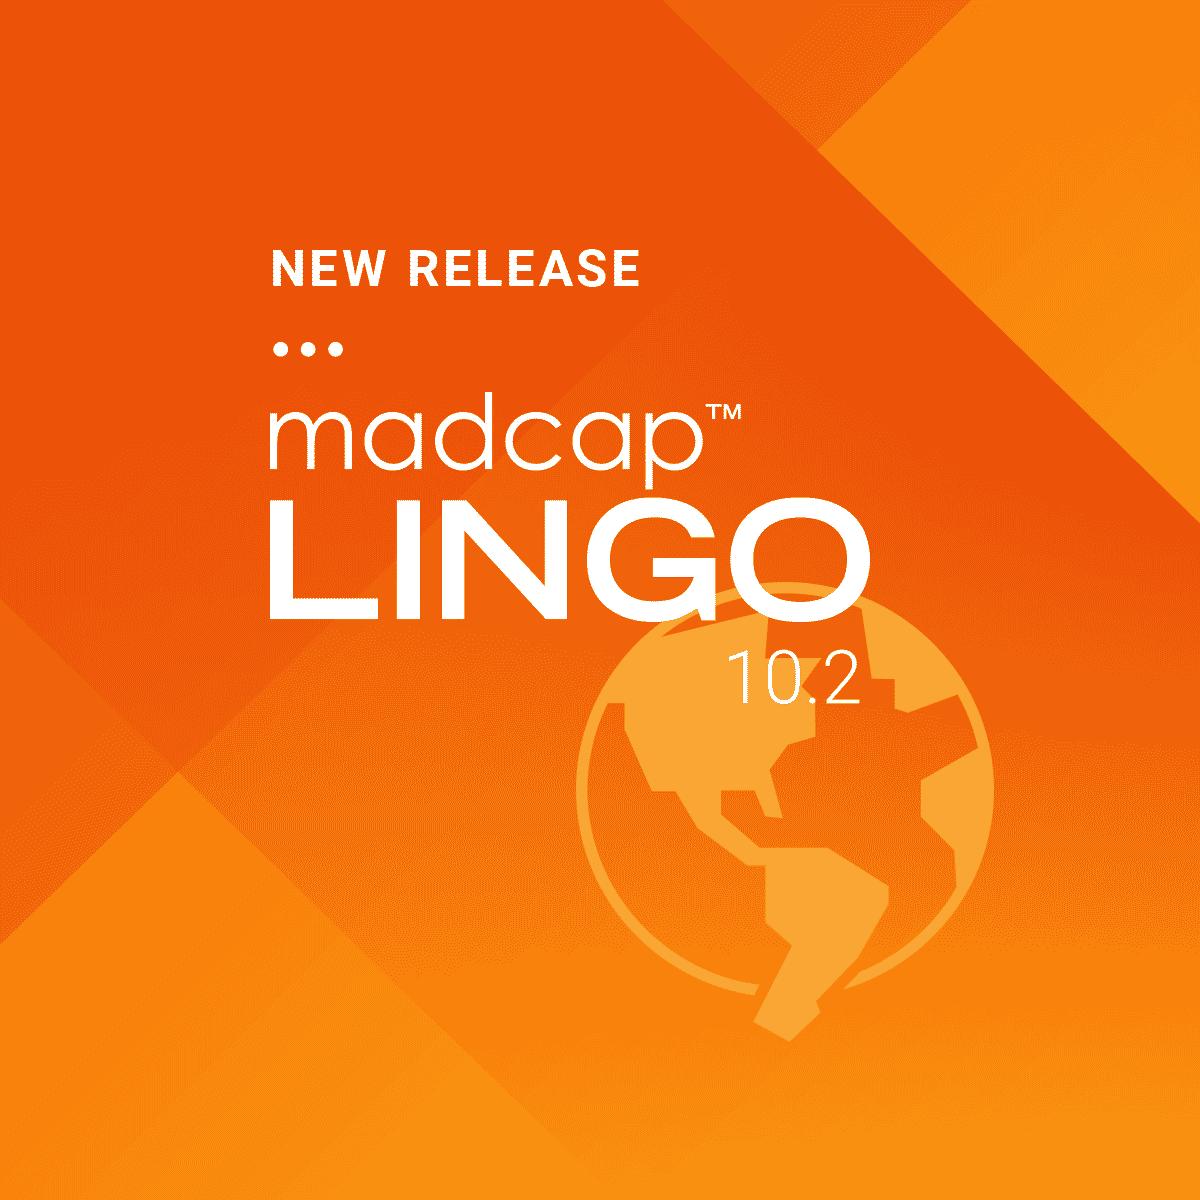 New Release MadCap Lingo 10.2